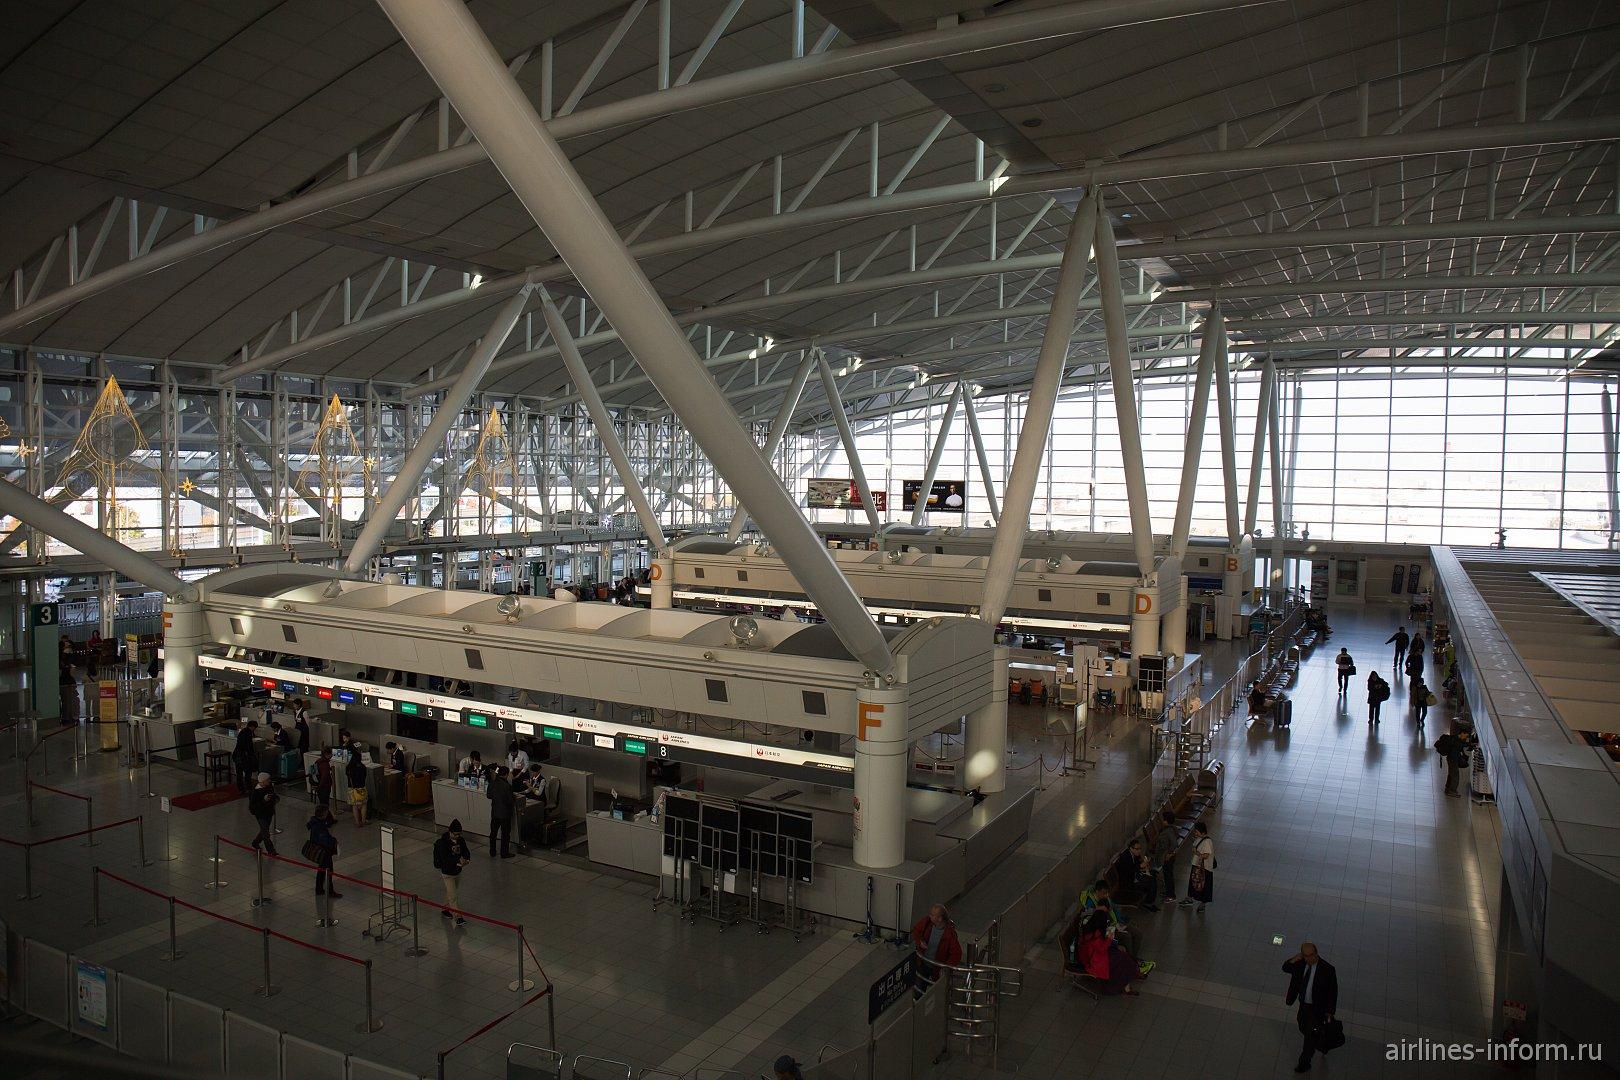 Северное крыло зоны вылета аэропорта Фукуока